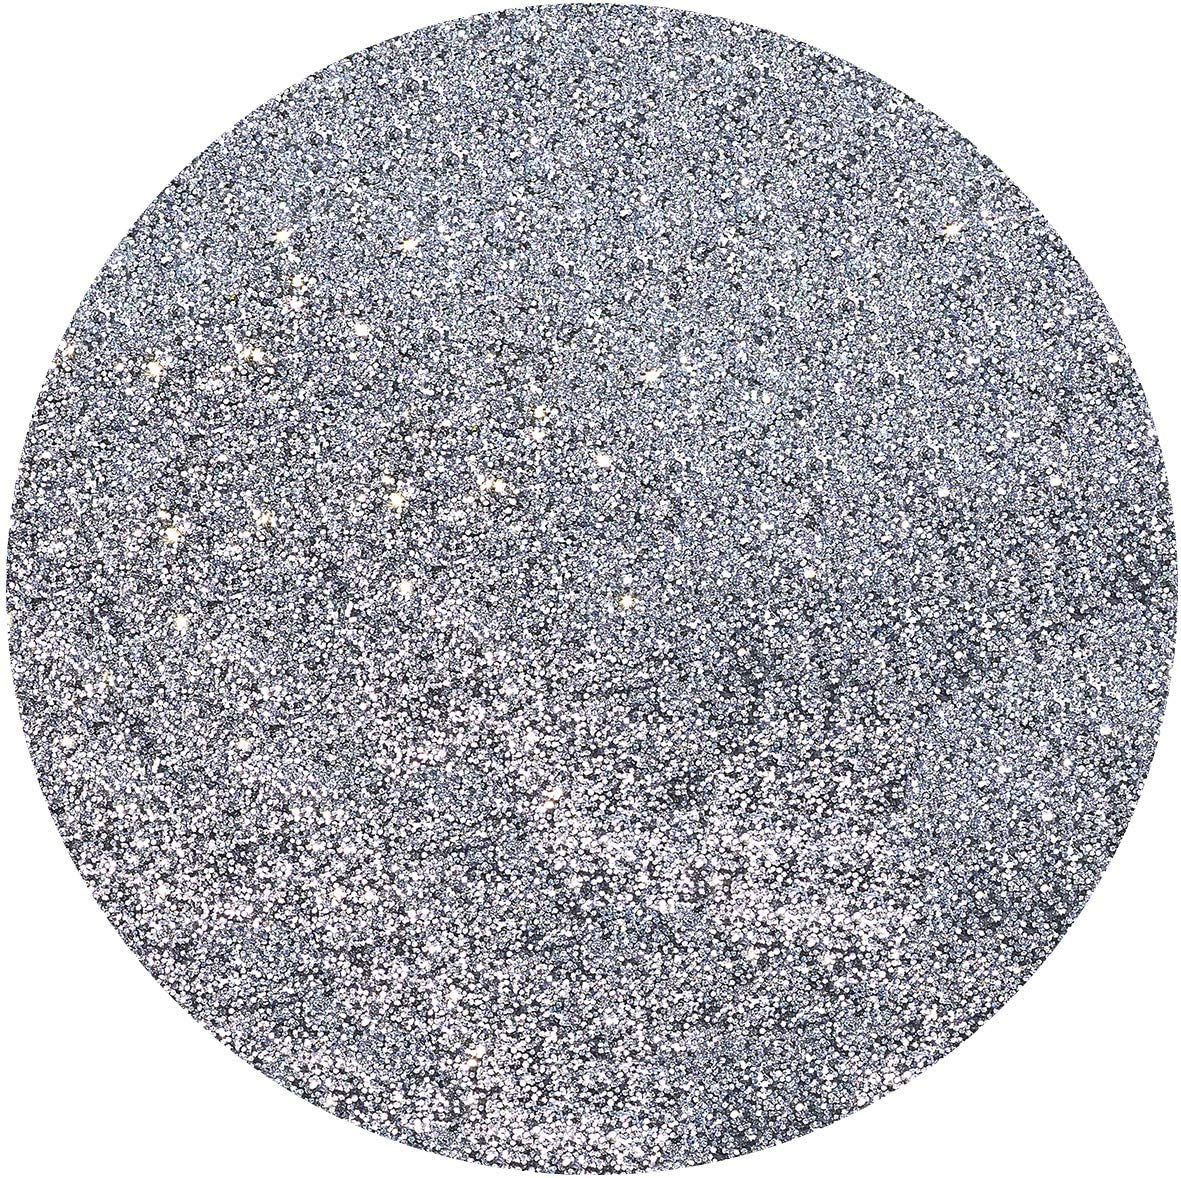 0,2 mm Bronze ultrafein Hemway Glitzerpulver zum Basteln 100g